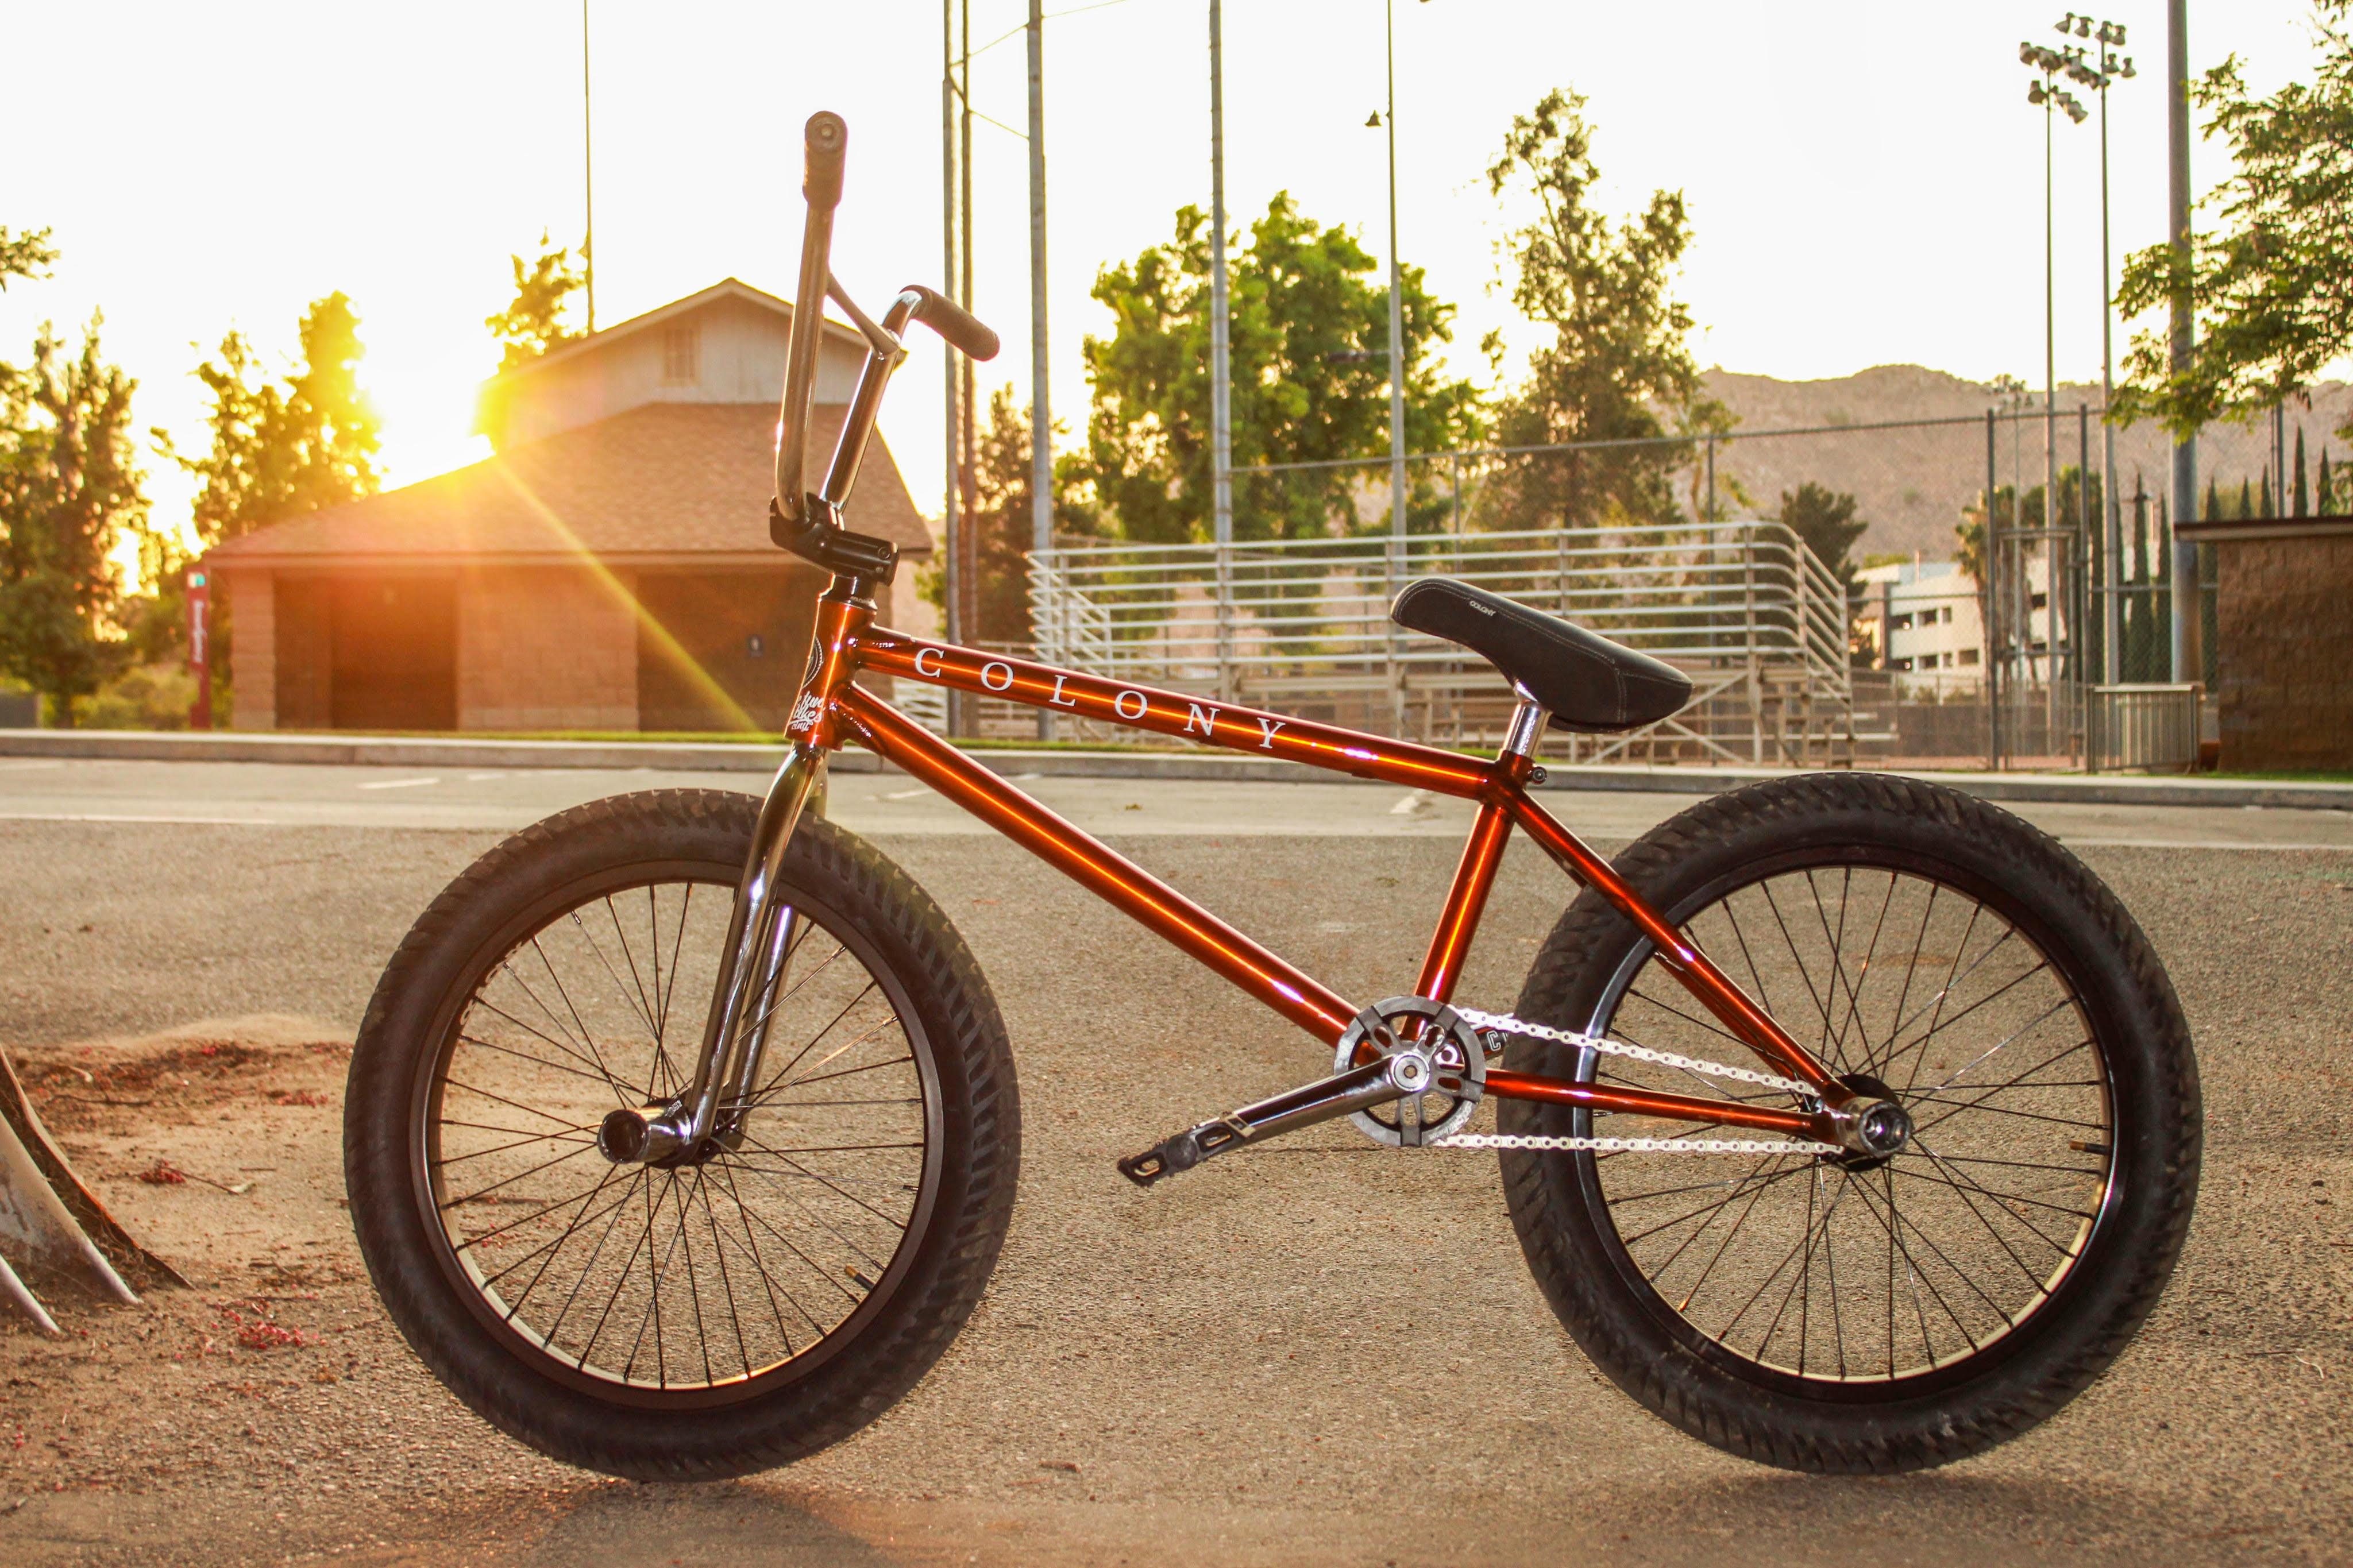 jb bike